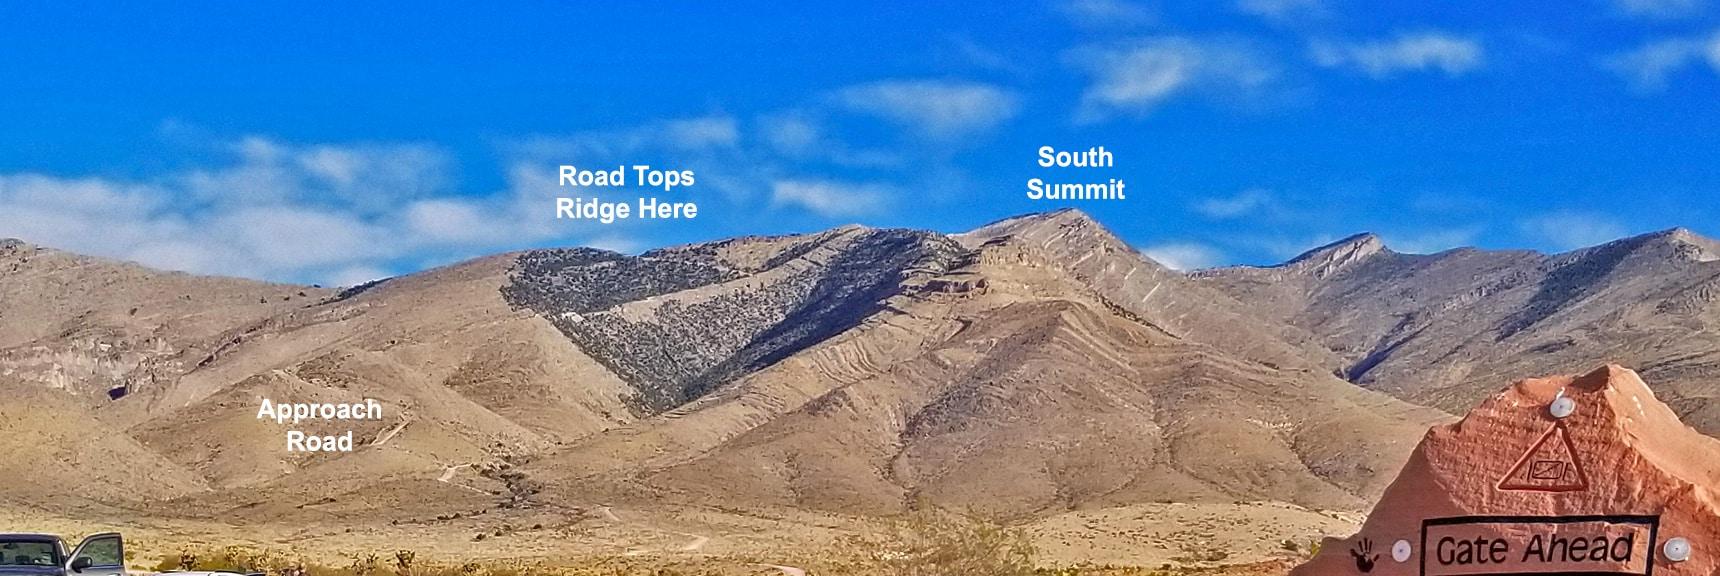 Potosi Mountain Road Ascending the Ridge. South Summit In View | Potosi Mountain Spring Mountains Nevada